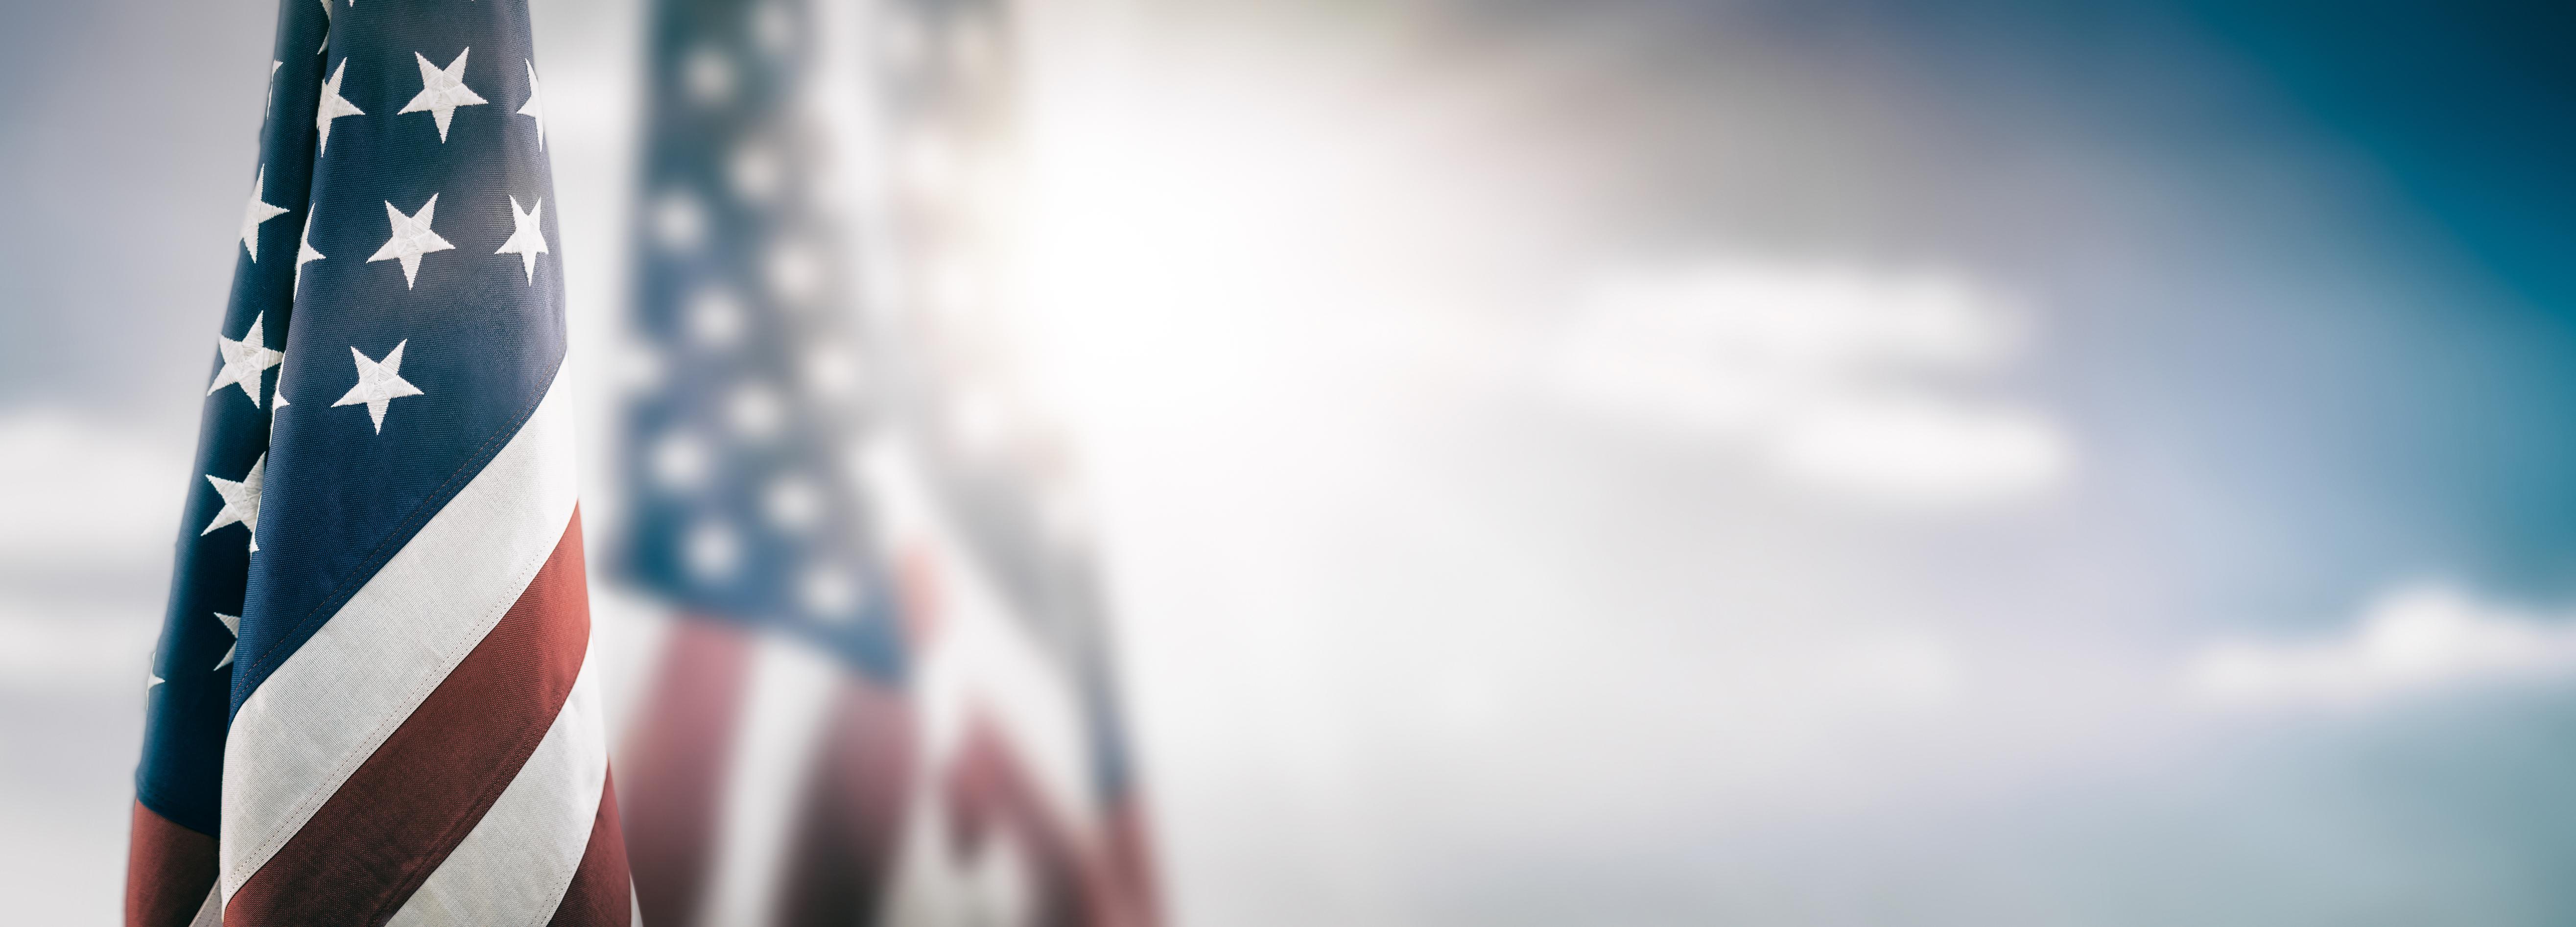 U.S. Veteran Profiles: Breaking Barriers